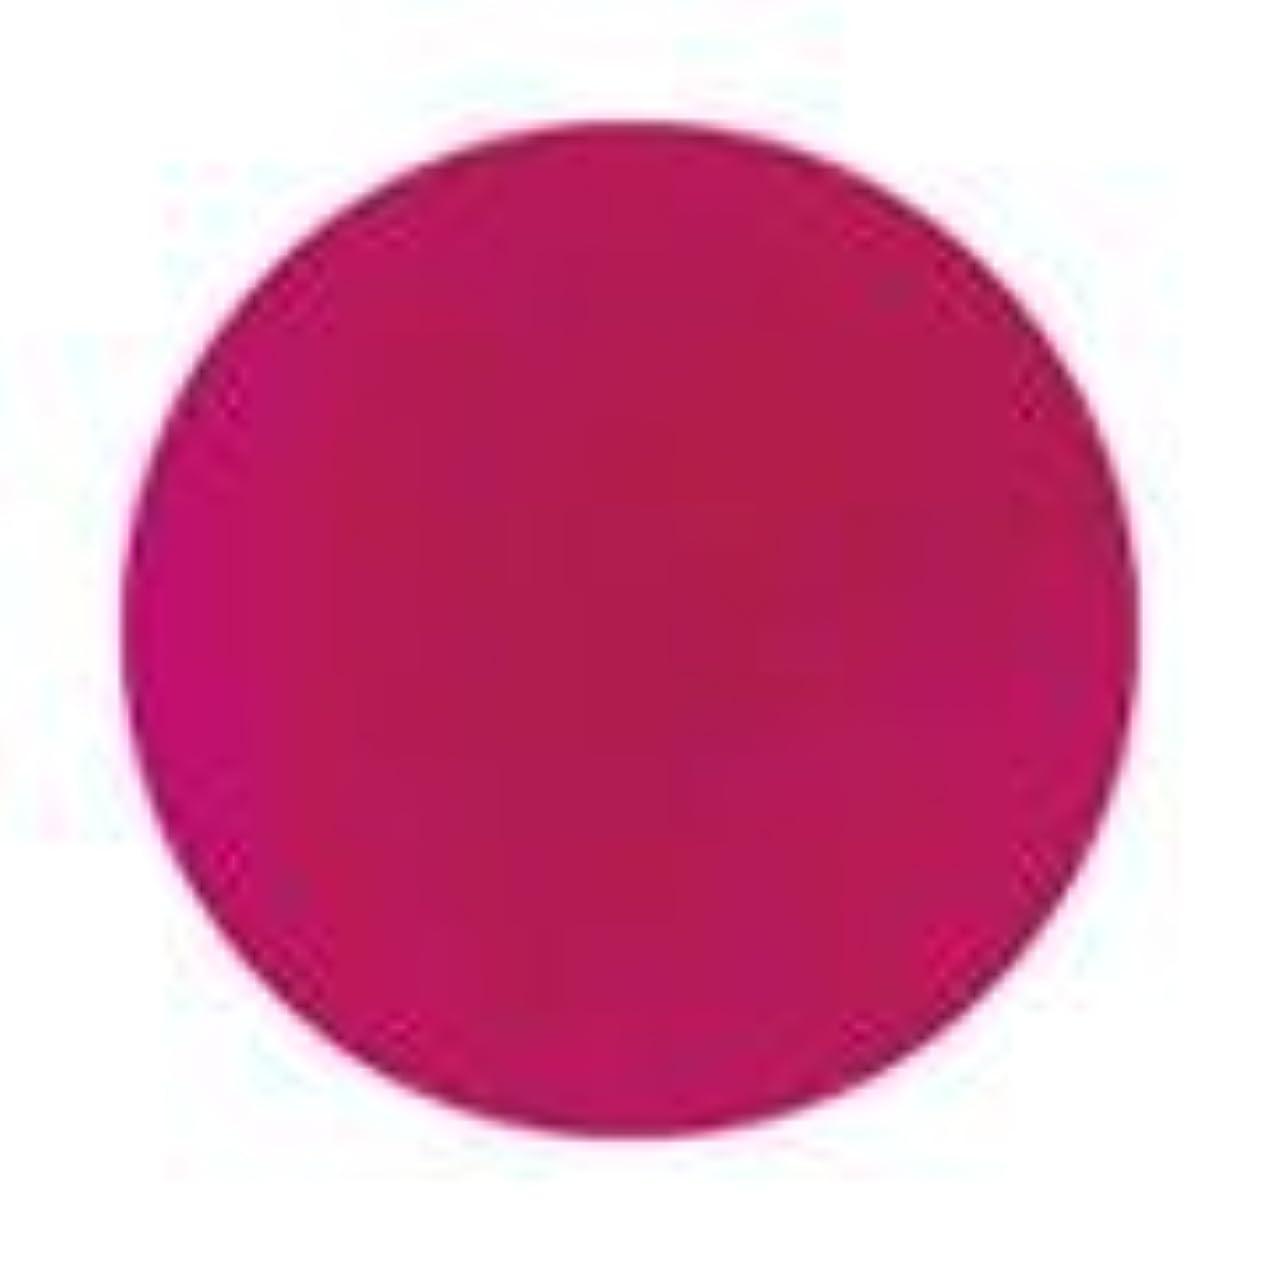 進化思い出させる暗黙Jessica ジェレレーション カラー 15ml  463 パッションネイトキッシーズ